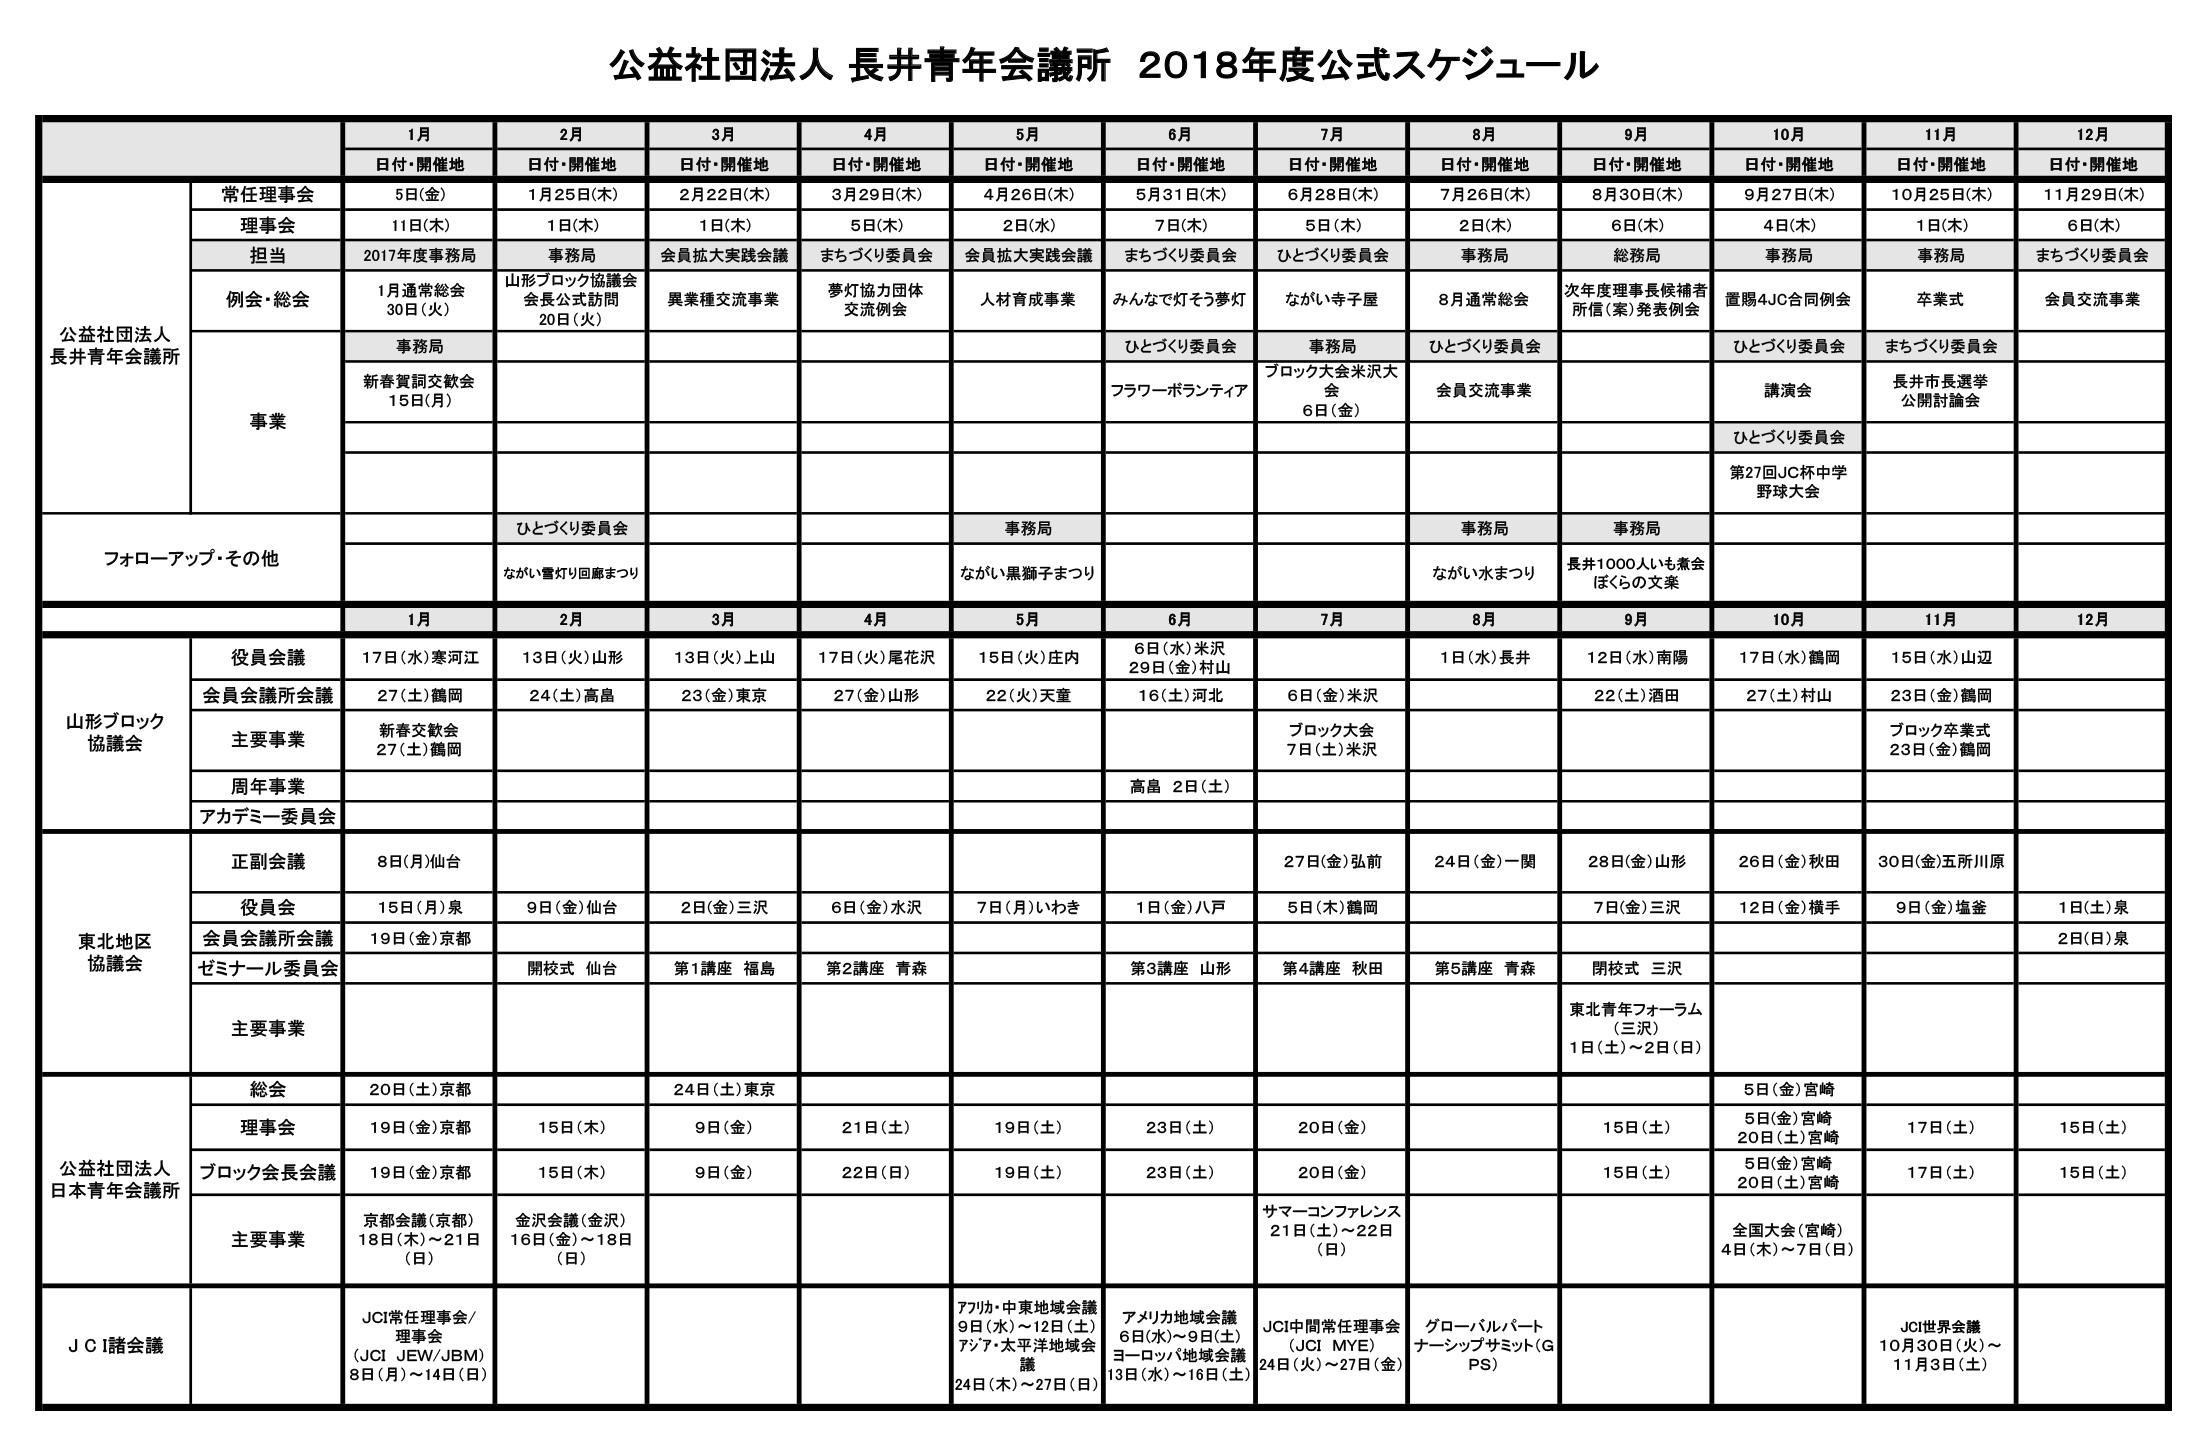 長井青年会議所 2018年公式スケジュール:画像